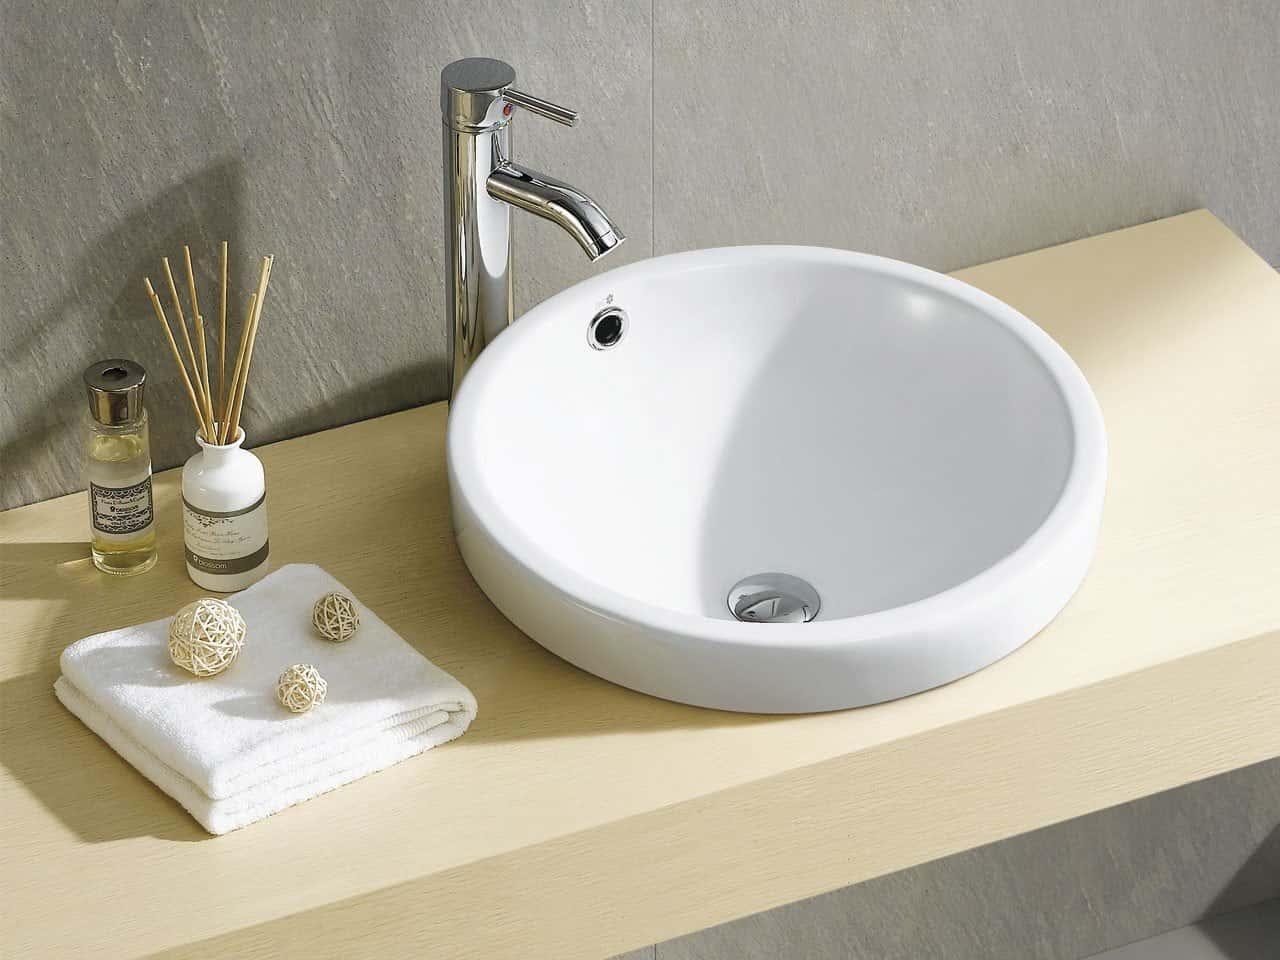 iperceramica lavabo bagno - Un tocco di colore al bagno con lavabi e sanitari